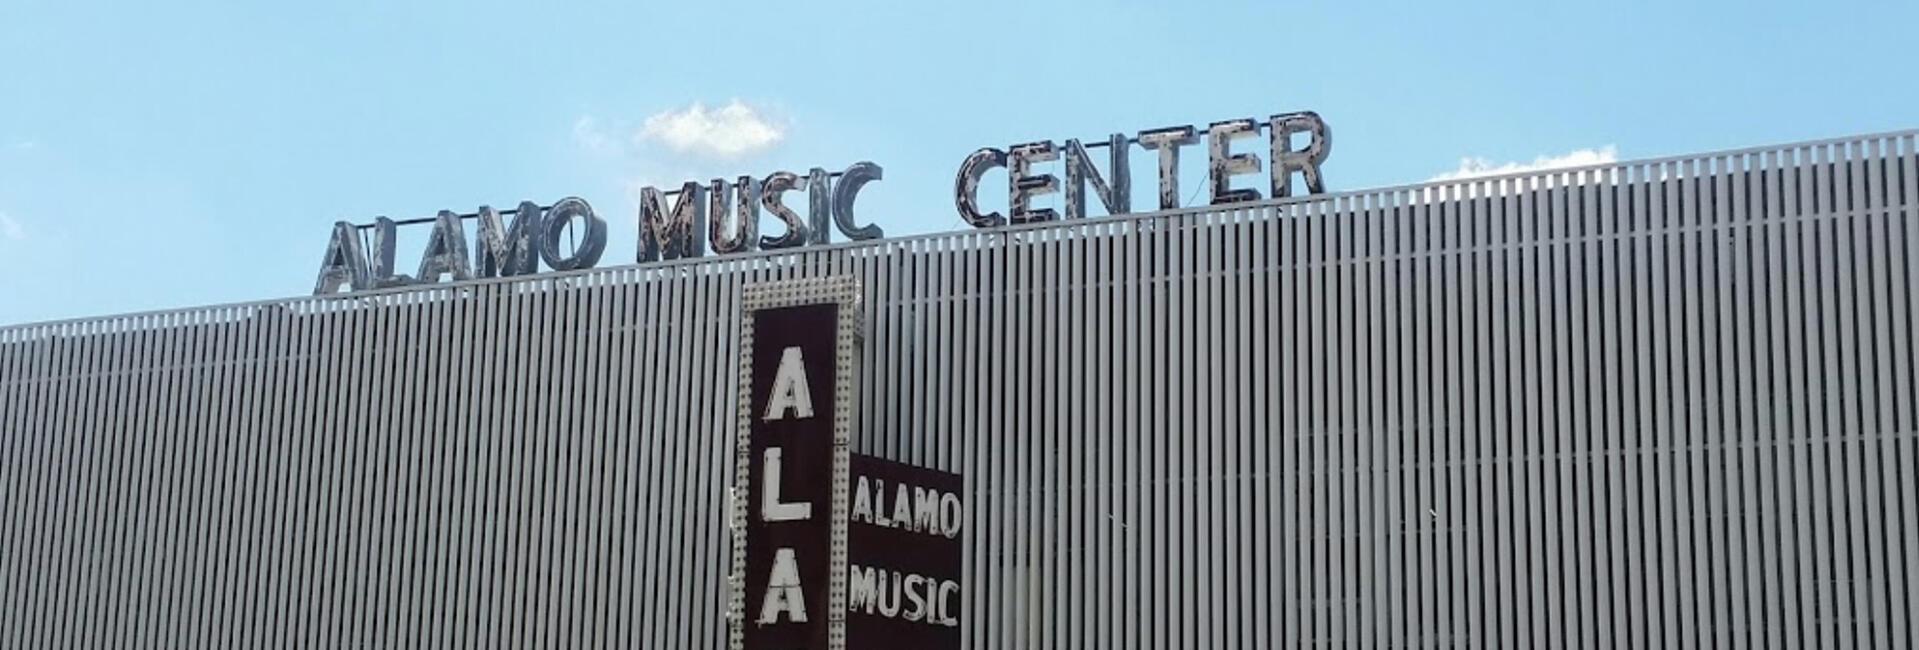 Alamo Music Center Taylor Guitars